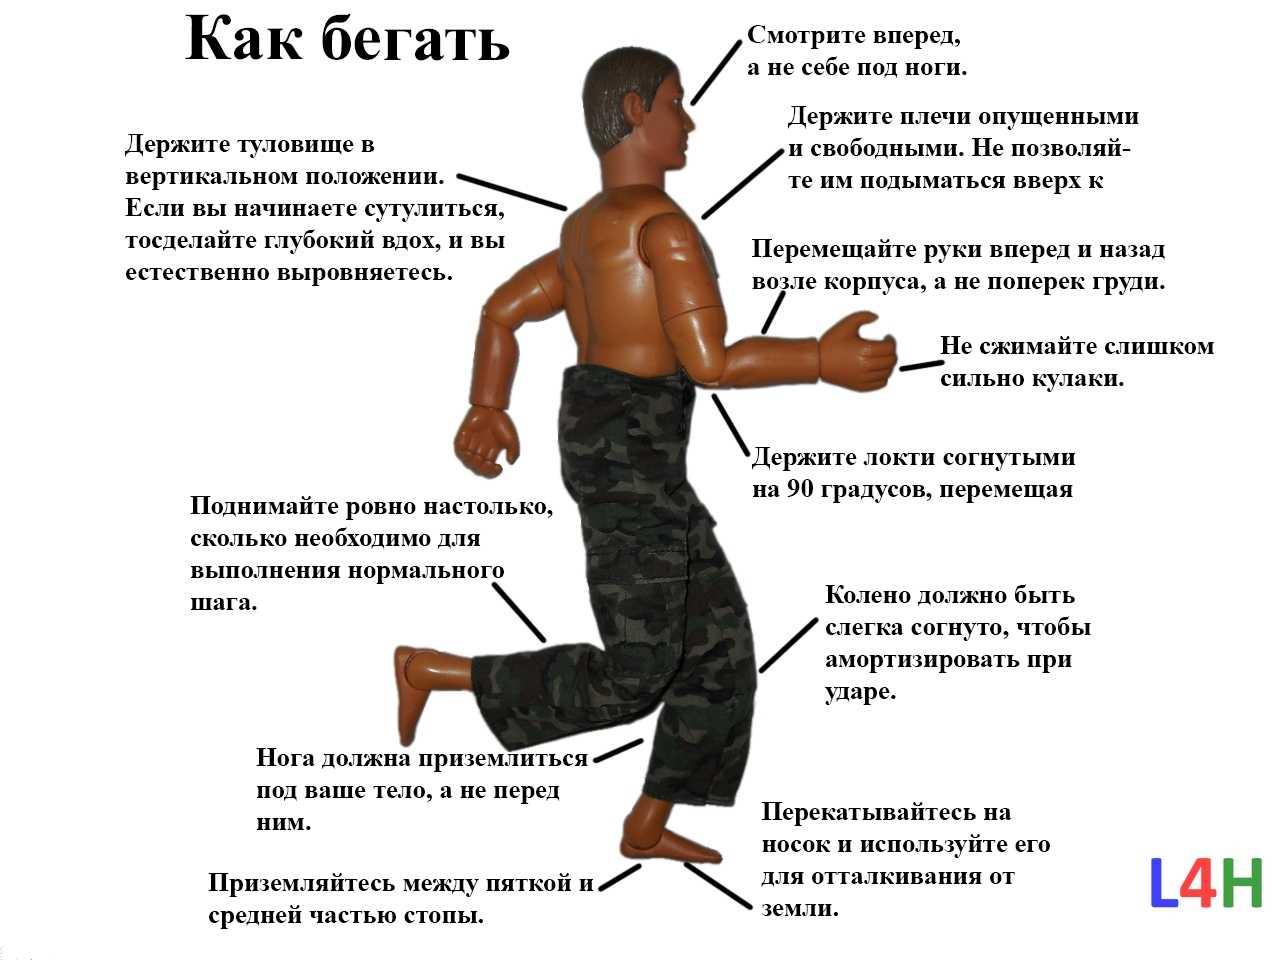 Бег: чем полезен, как правильно бегать, и что нужно знать начинающему бегуну? - жизнь в москве - молнет.ru